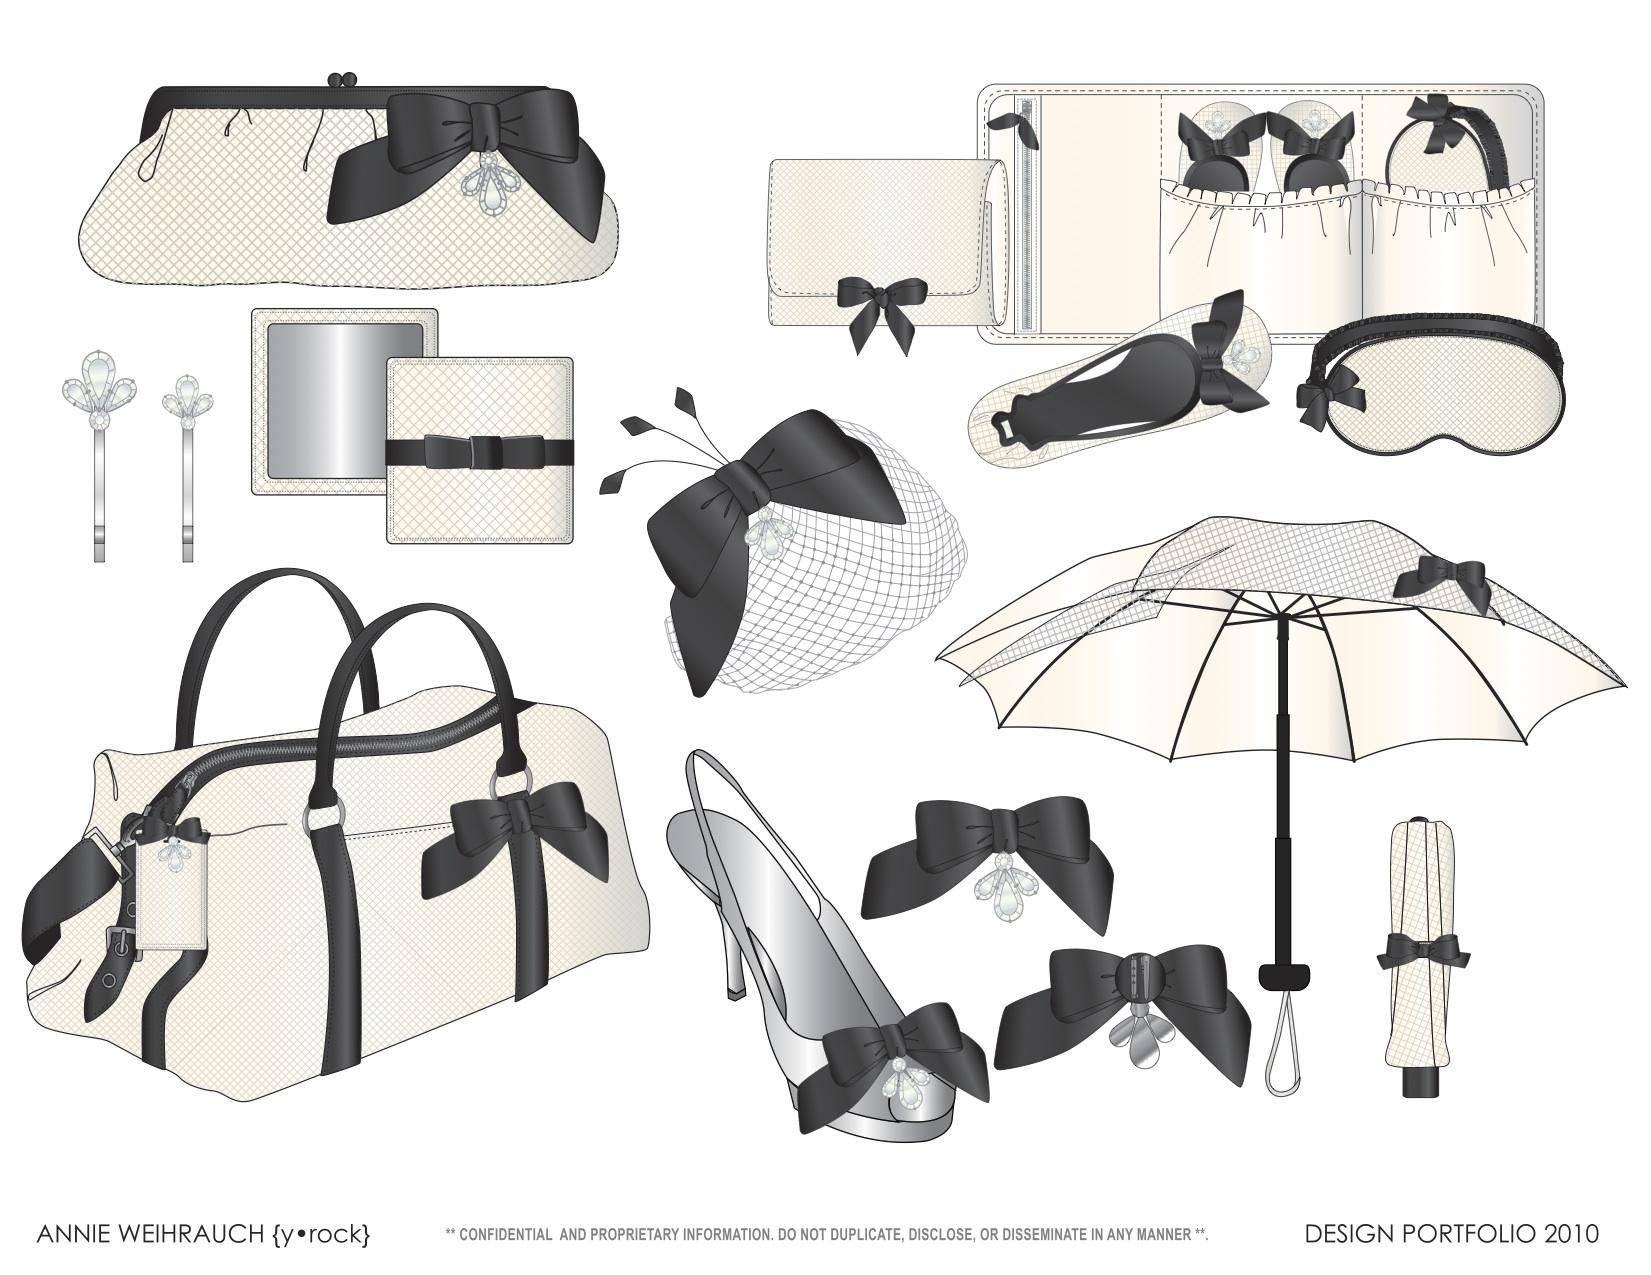 Accessory Design By Annie Weihrauch At